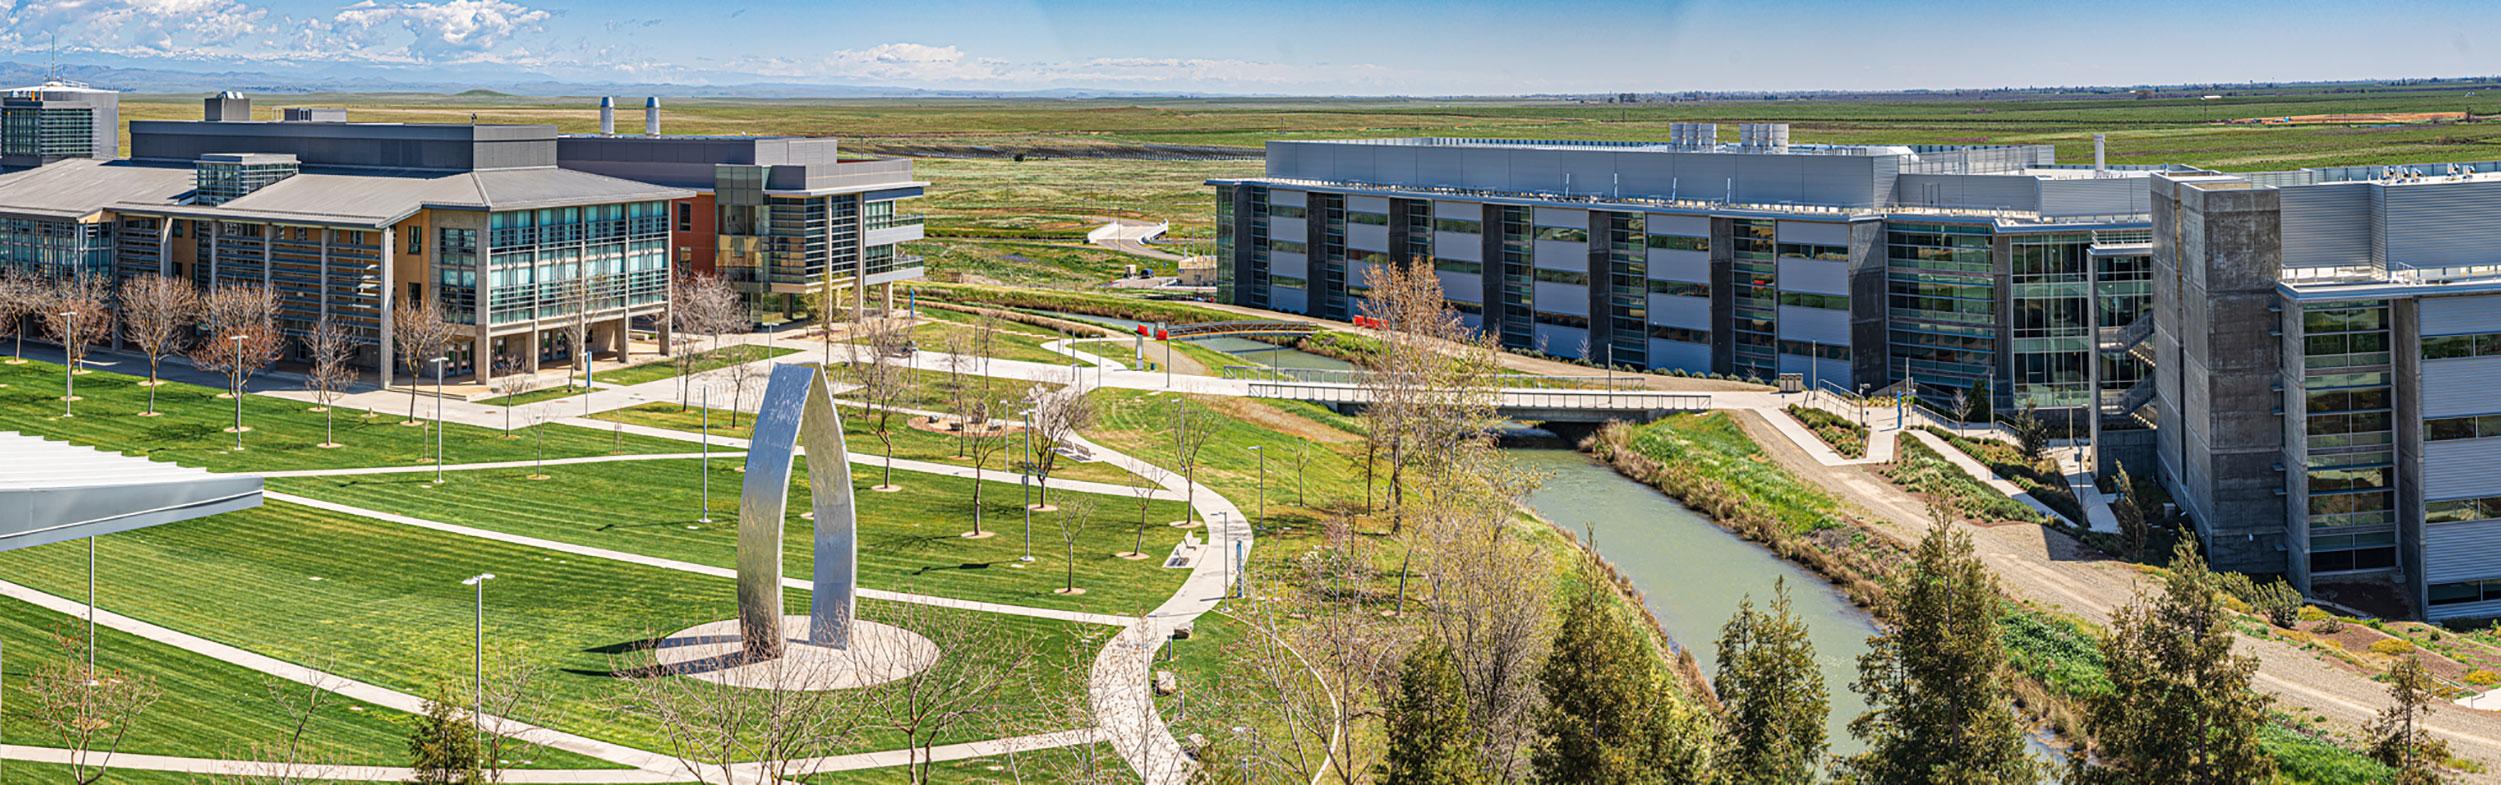 campus overhead aerial image